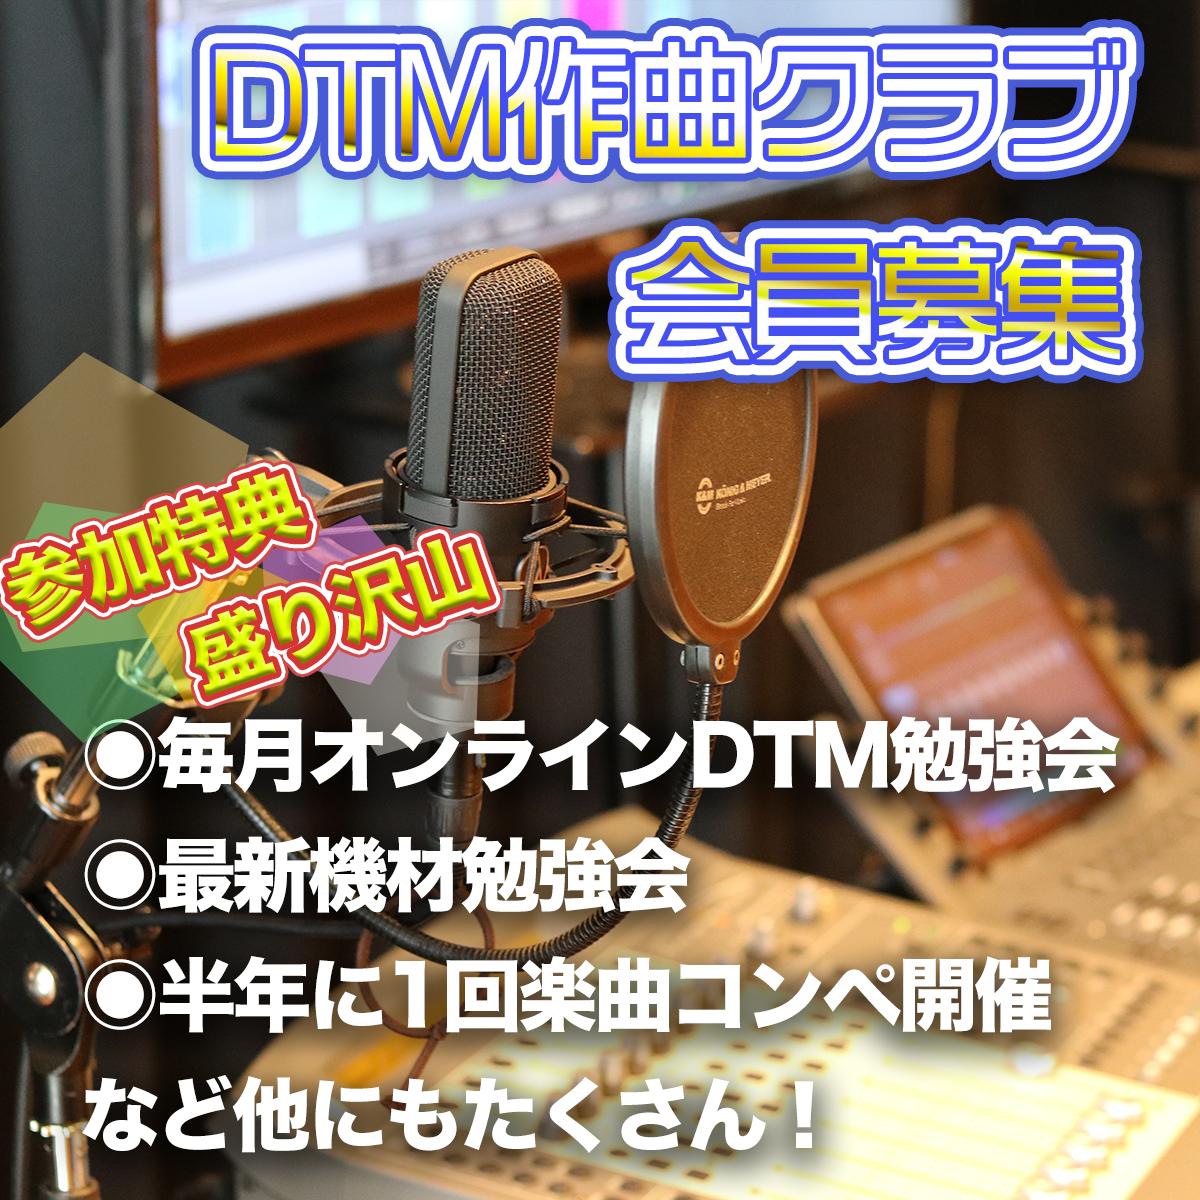 DTM作曲クラブ会員募集中